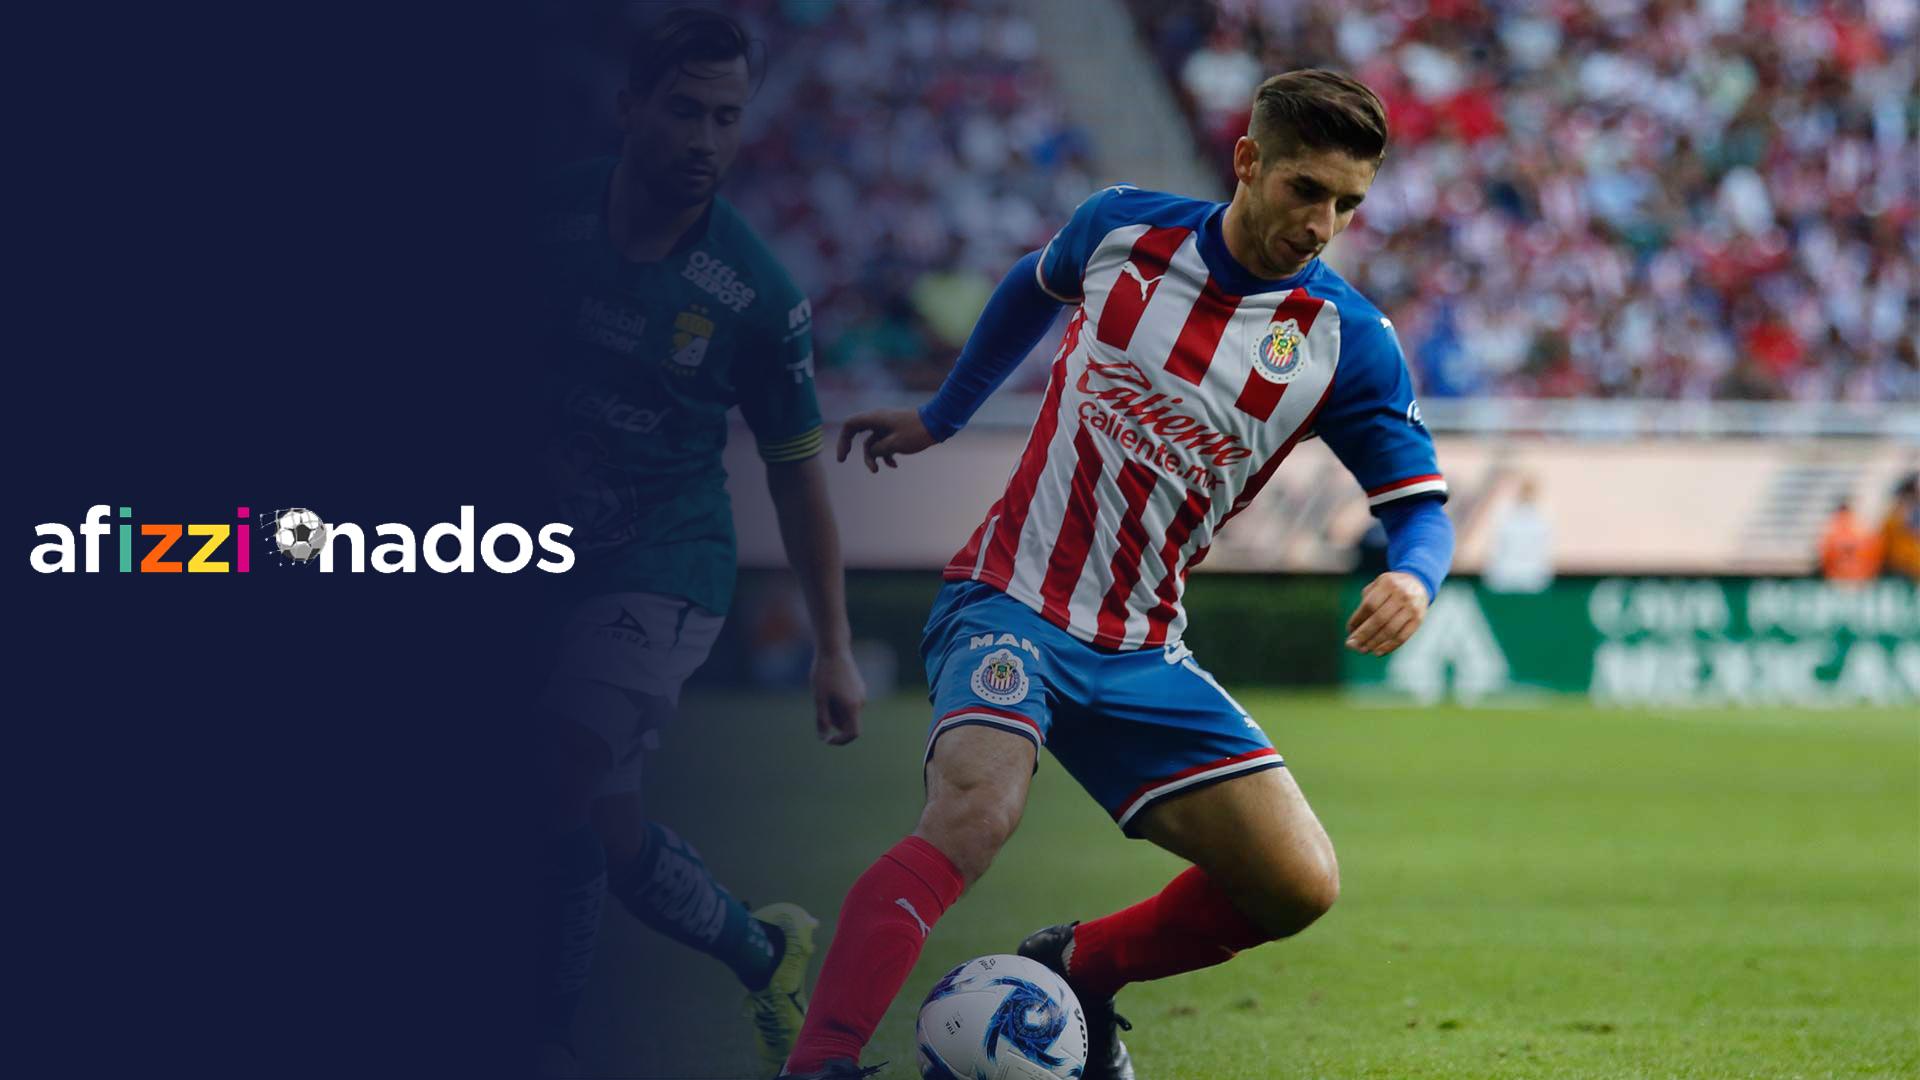 Liga MX: Partidos de Chivas que serán transmitidos en exclusiva por Afizzionados